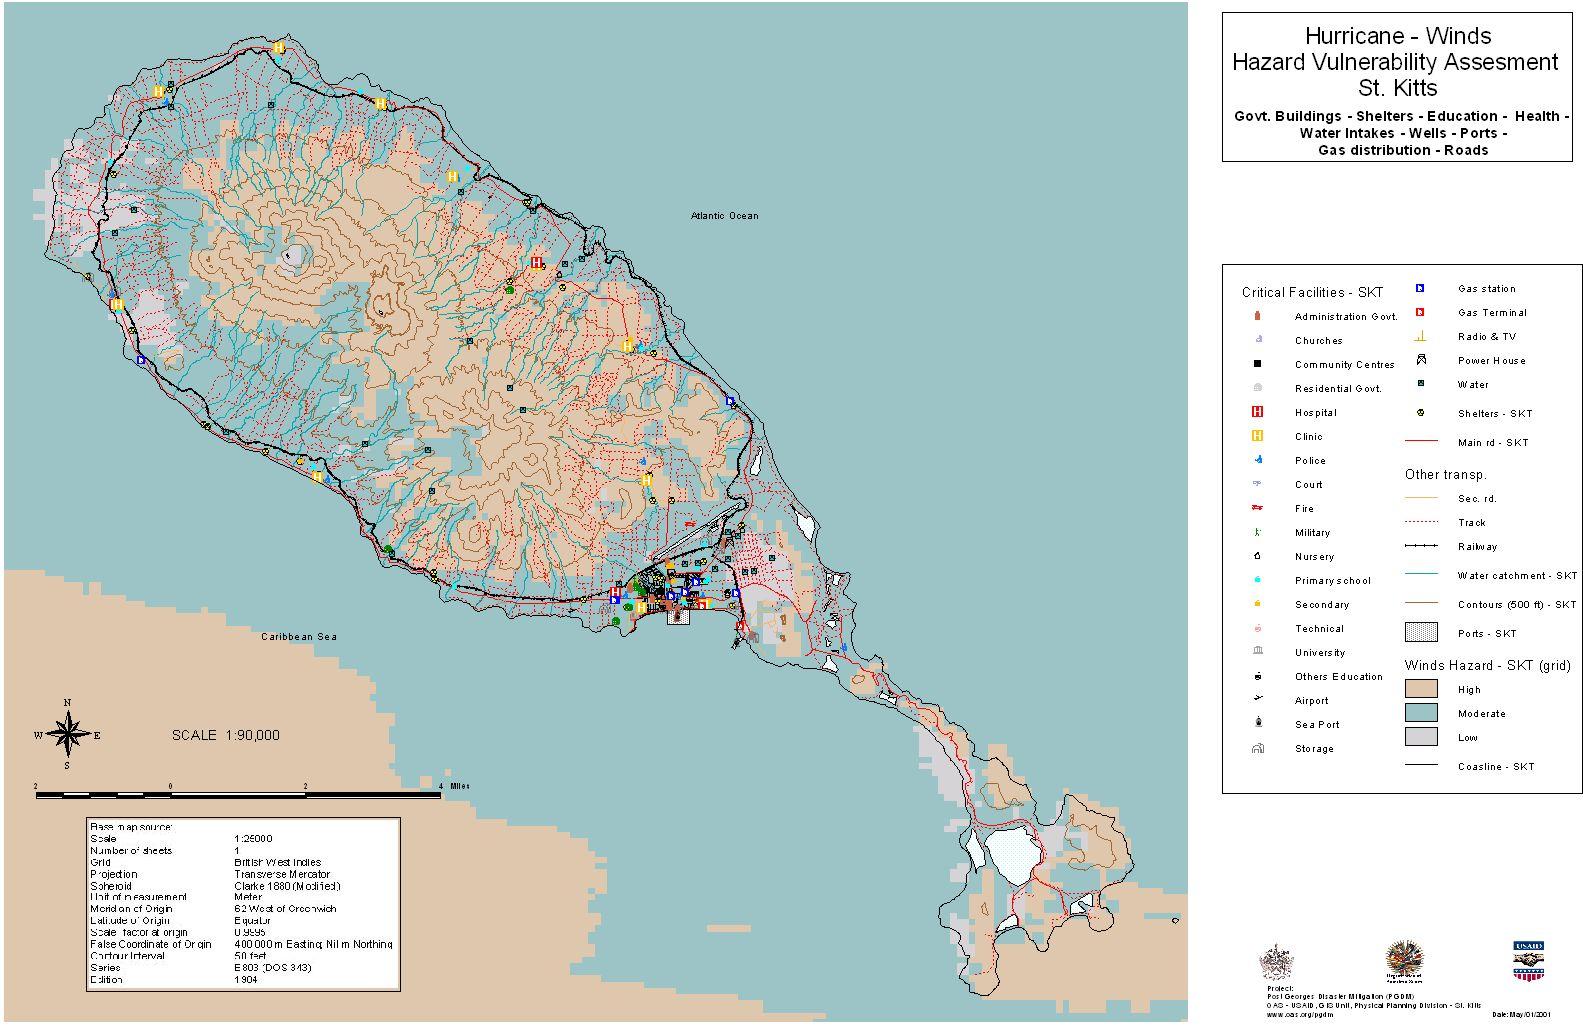 PGDM Vulnerability Assessment Page: St. Kitts/Nevis